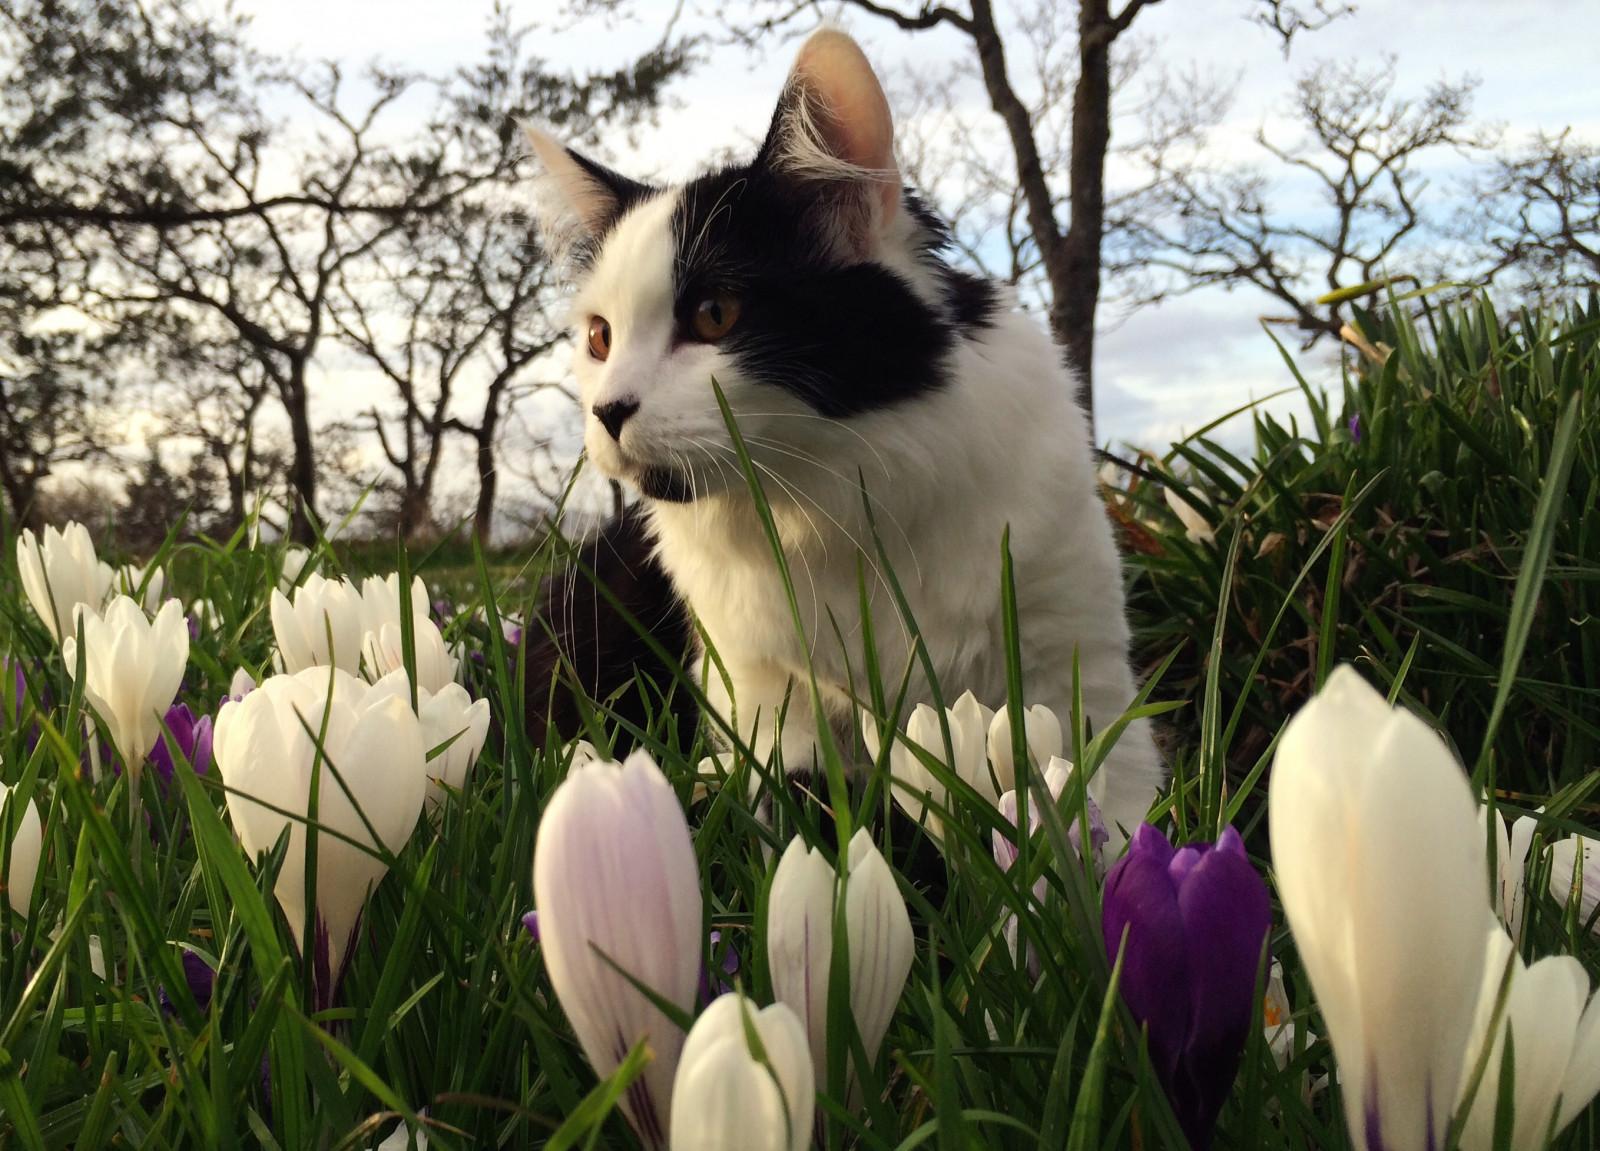 Cute Cat Wallpaper For Iphone Fond D 233 Cran Chat Herbe Parc Champ Violet Fleur